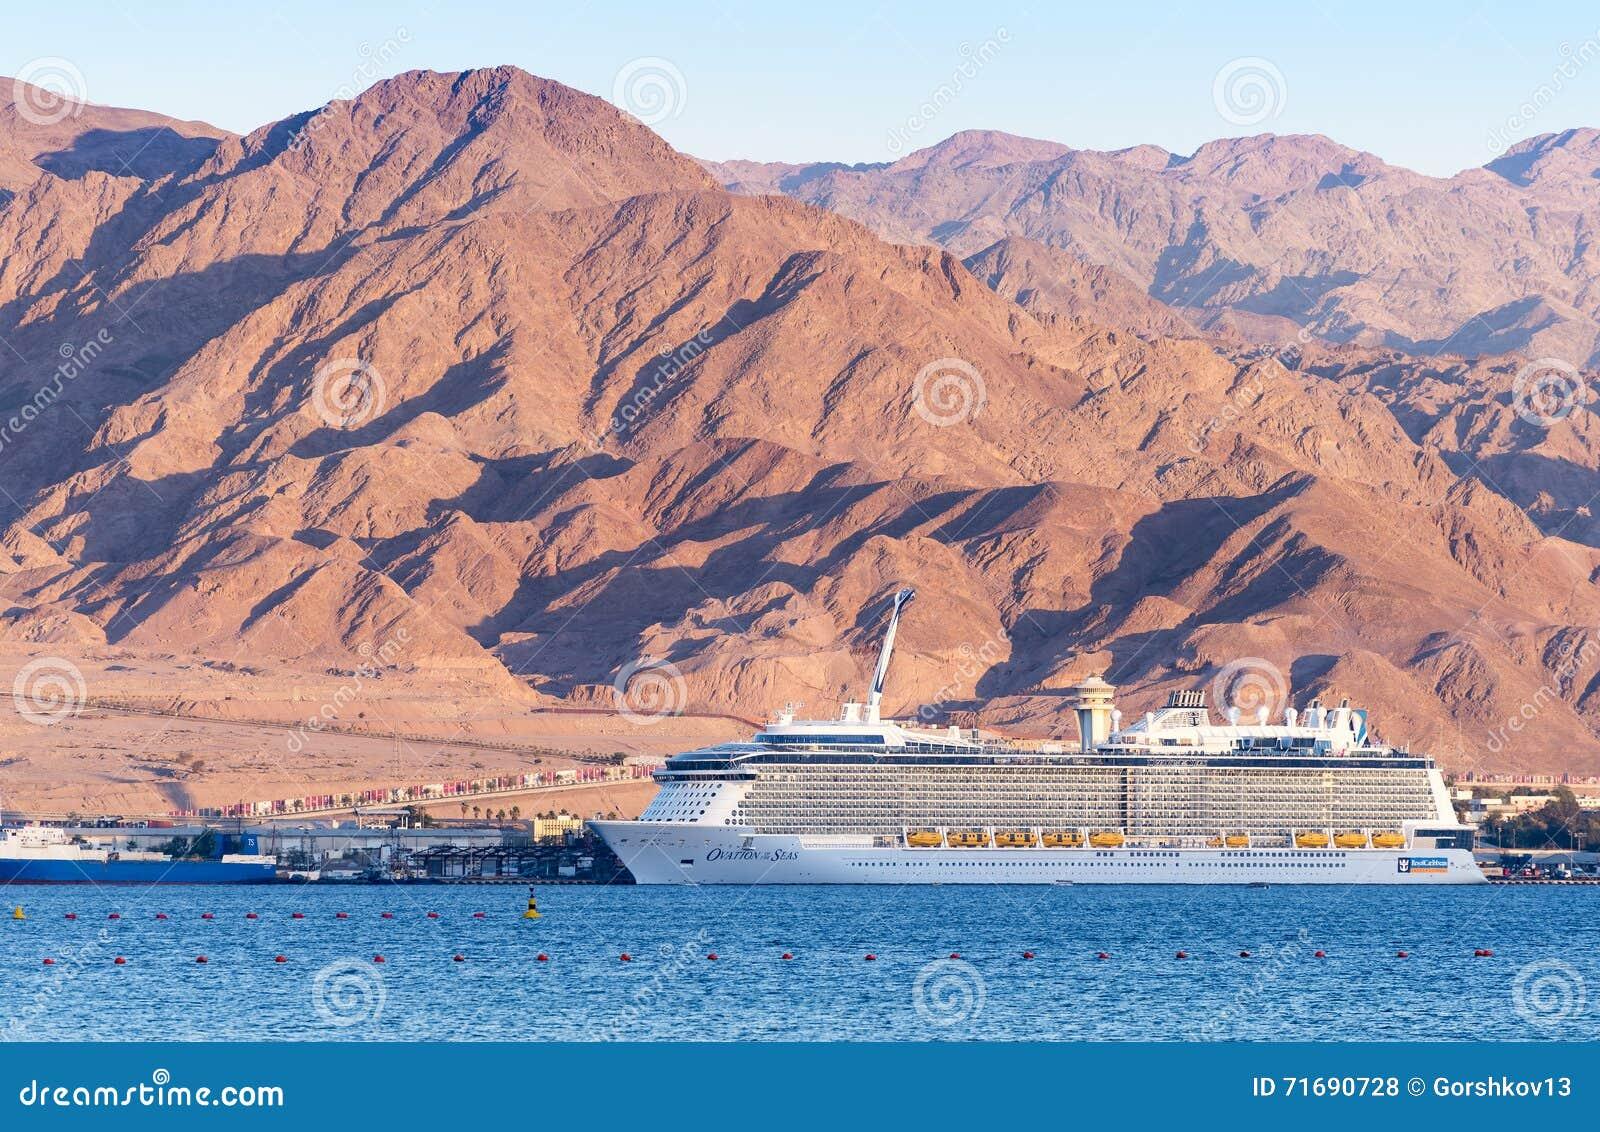 AQABA JORDANIEN - MAJ 19, 2016: Kungligt karibiskt internationellt kryssningskepp, ovation av haven